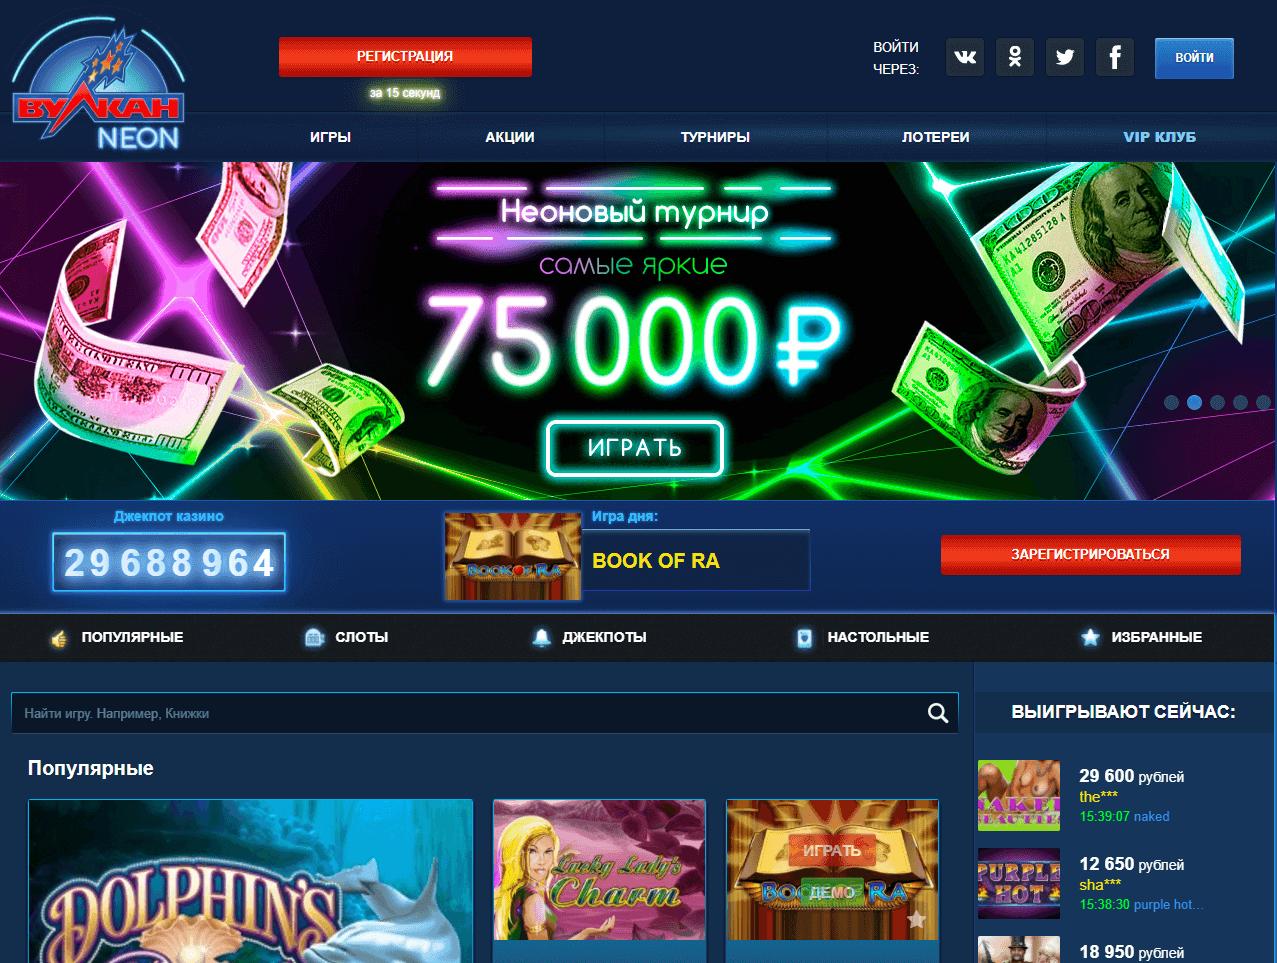 Онлайн казино Vulcan Neon